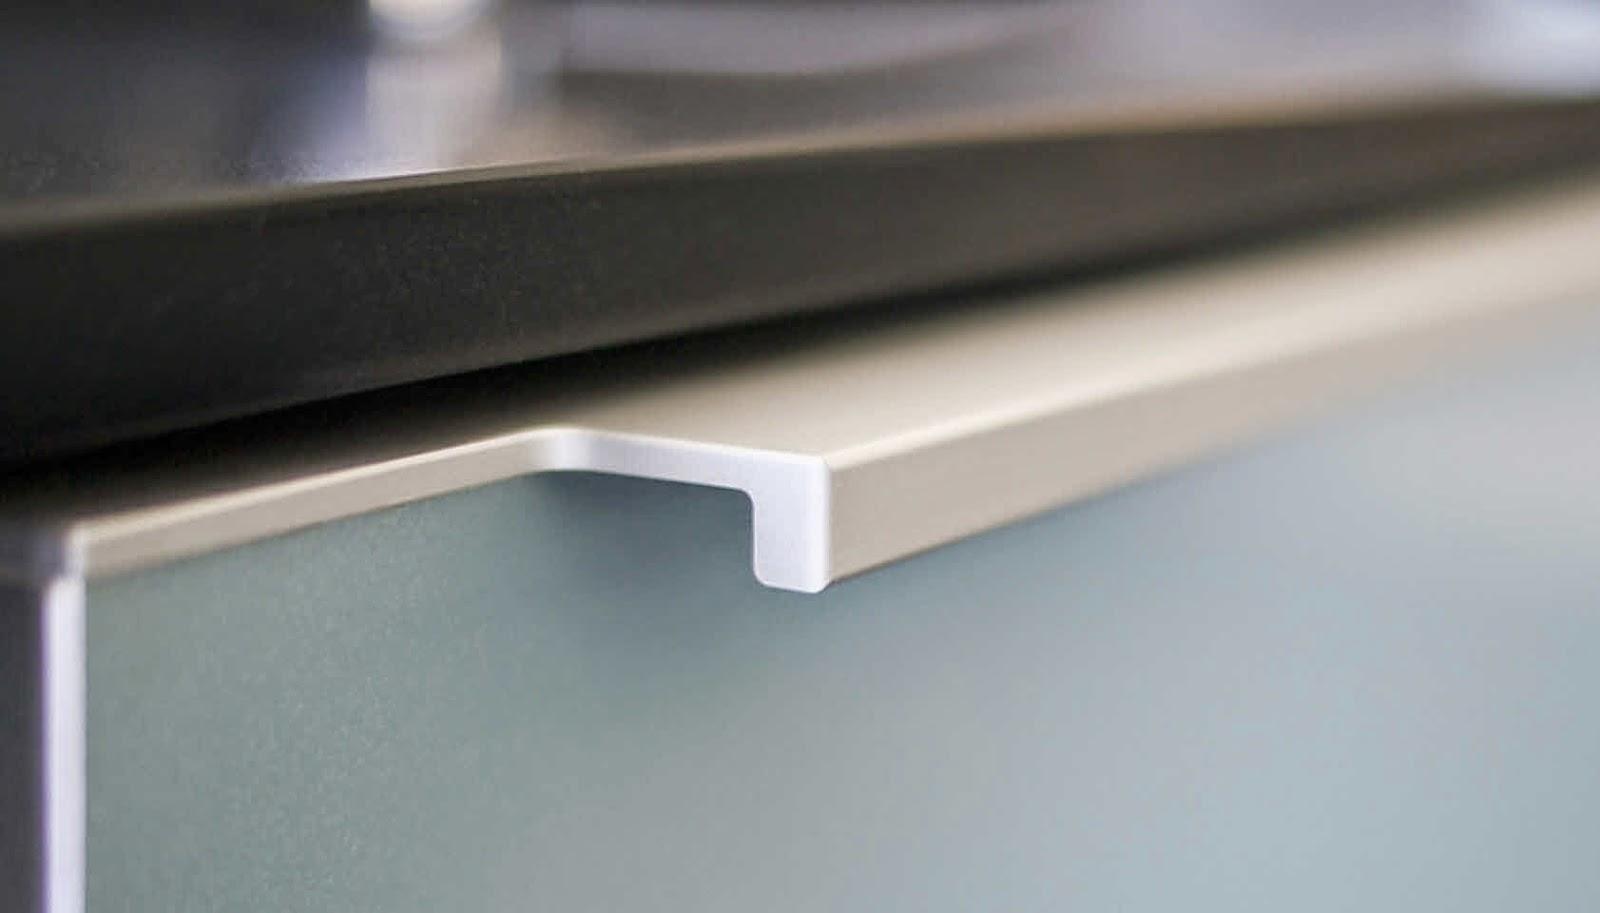 Tiradores de cocina peque os y necesarios accesorios - Tiradores puertas de cocina ...